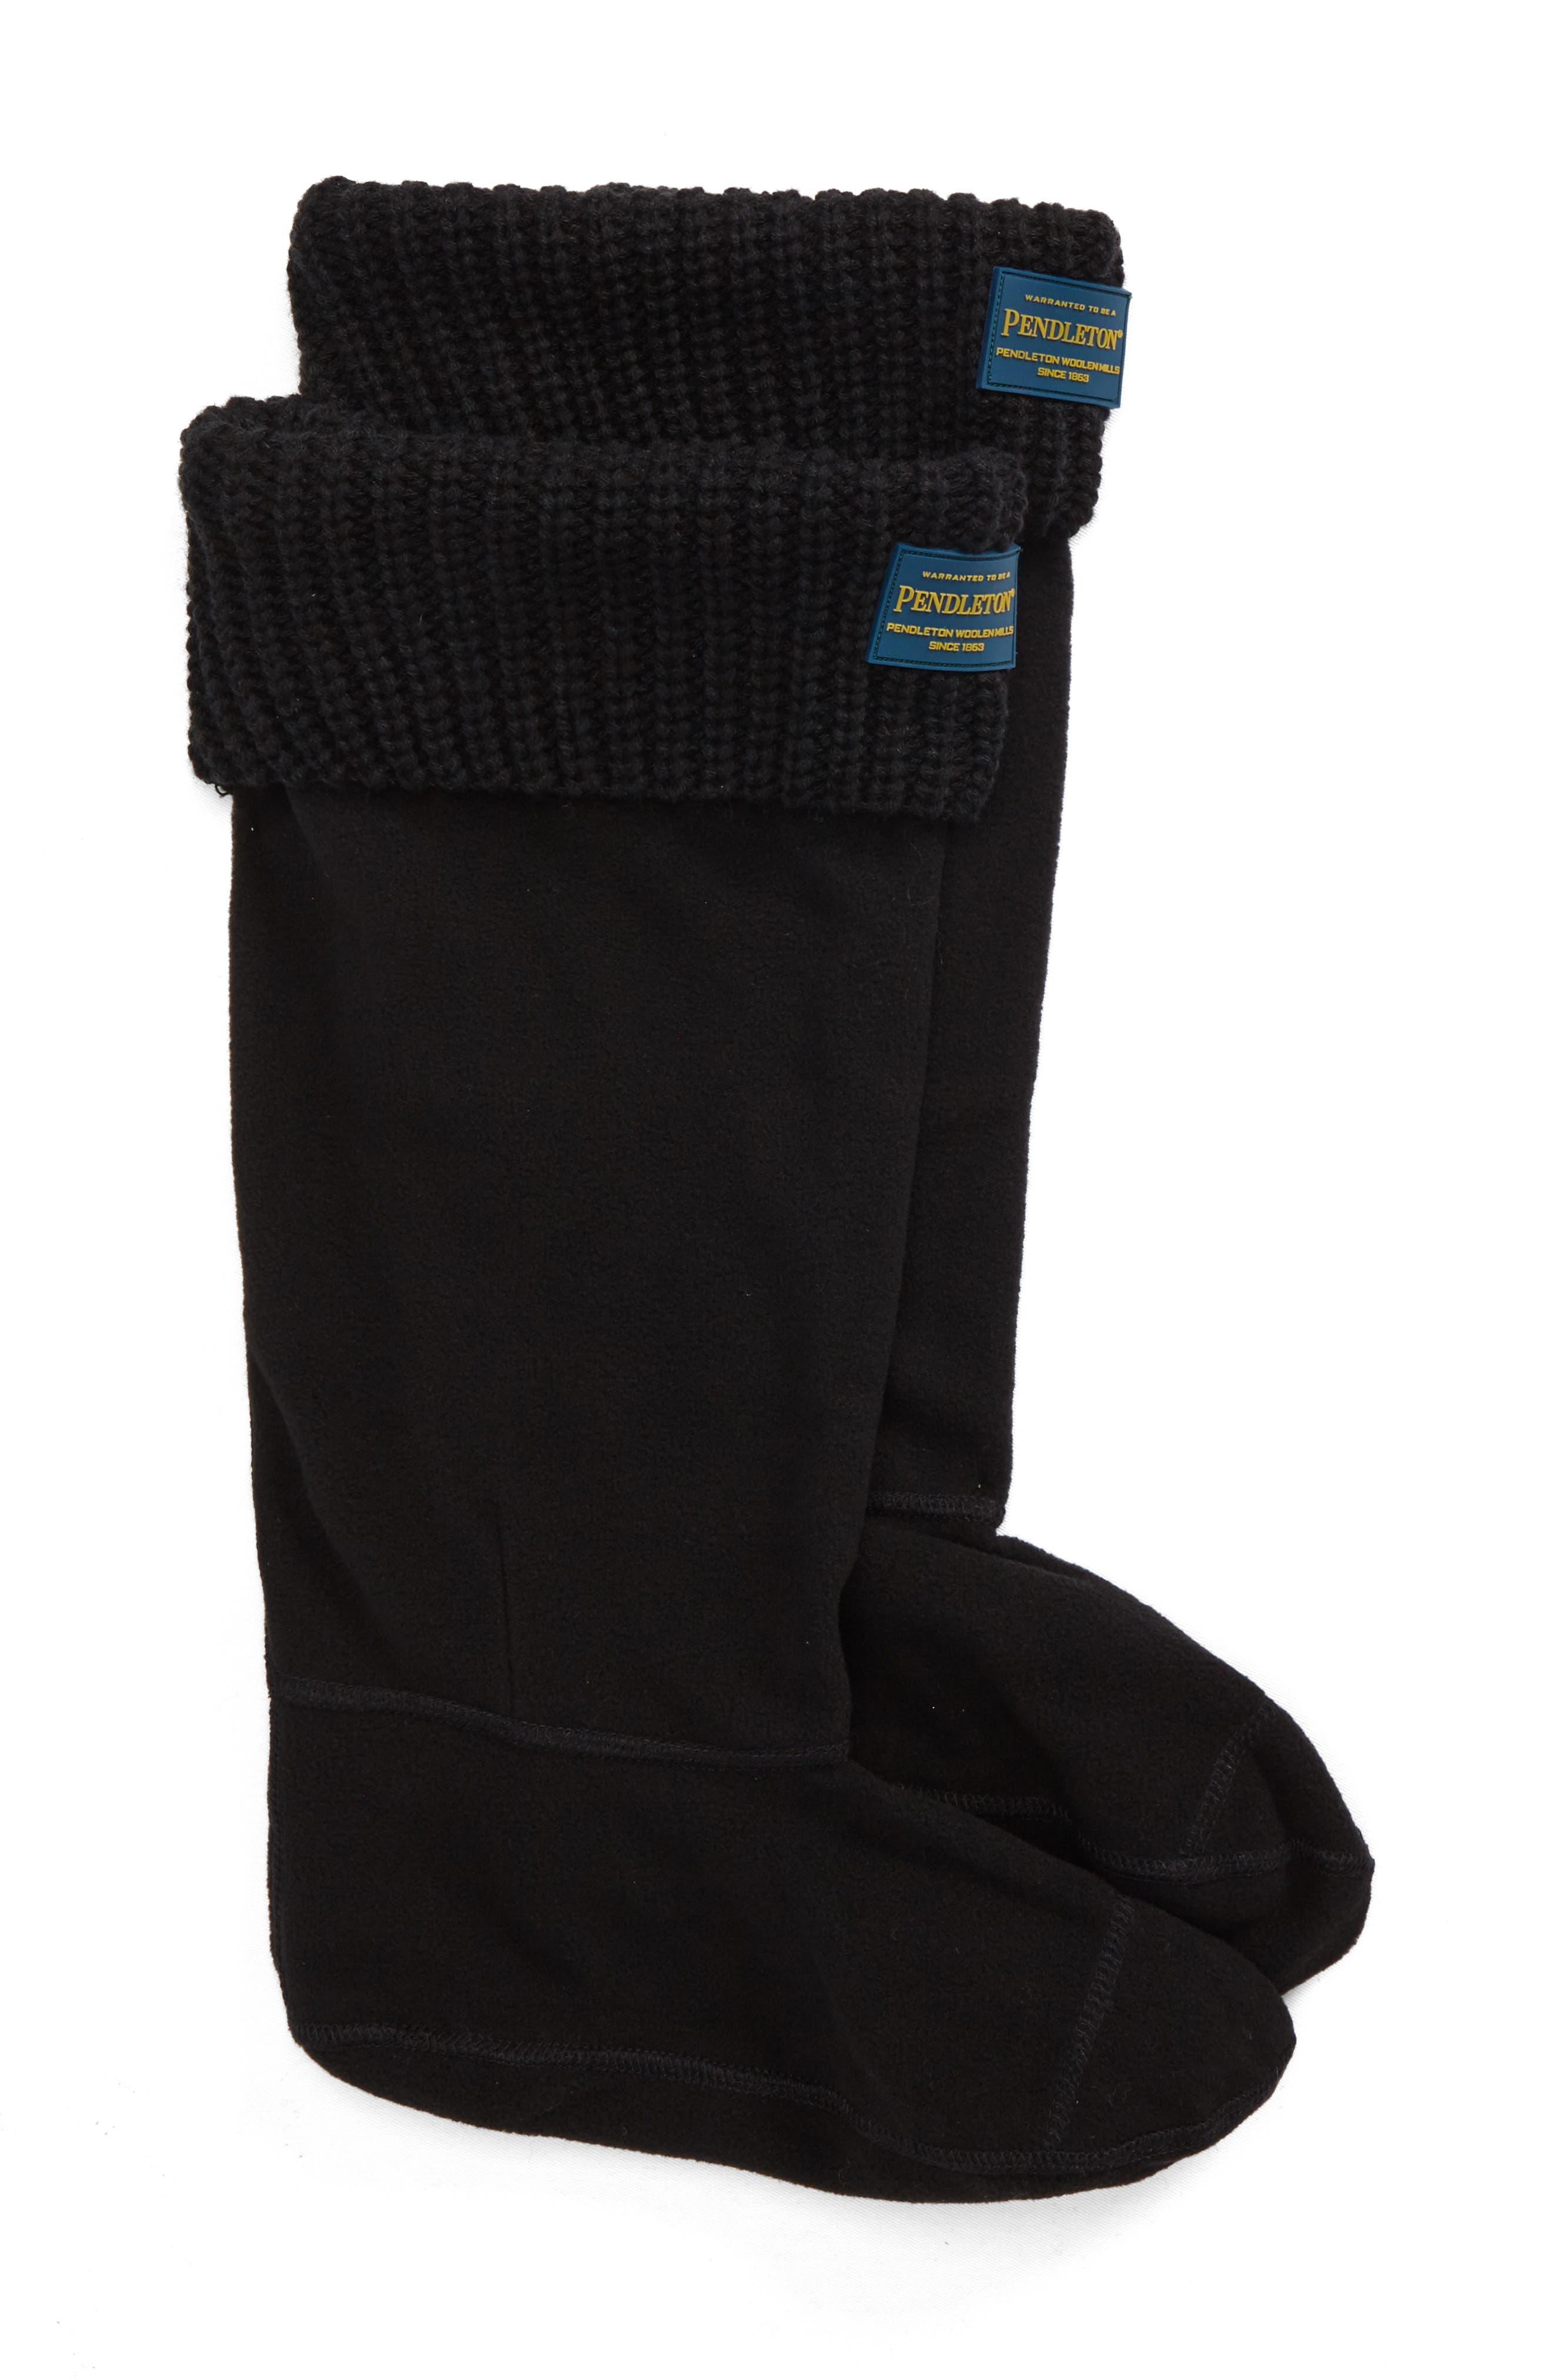 Pendleton Shaker Stitch Tall Boot Socks,                         Main,                         color, Black